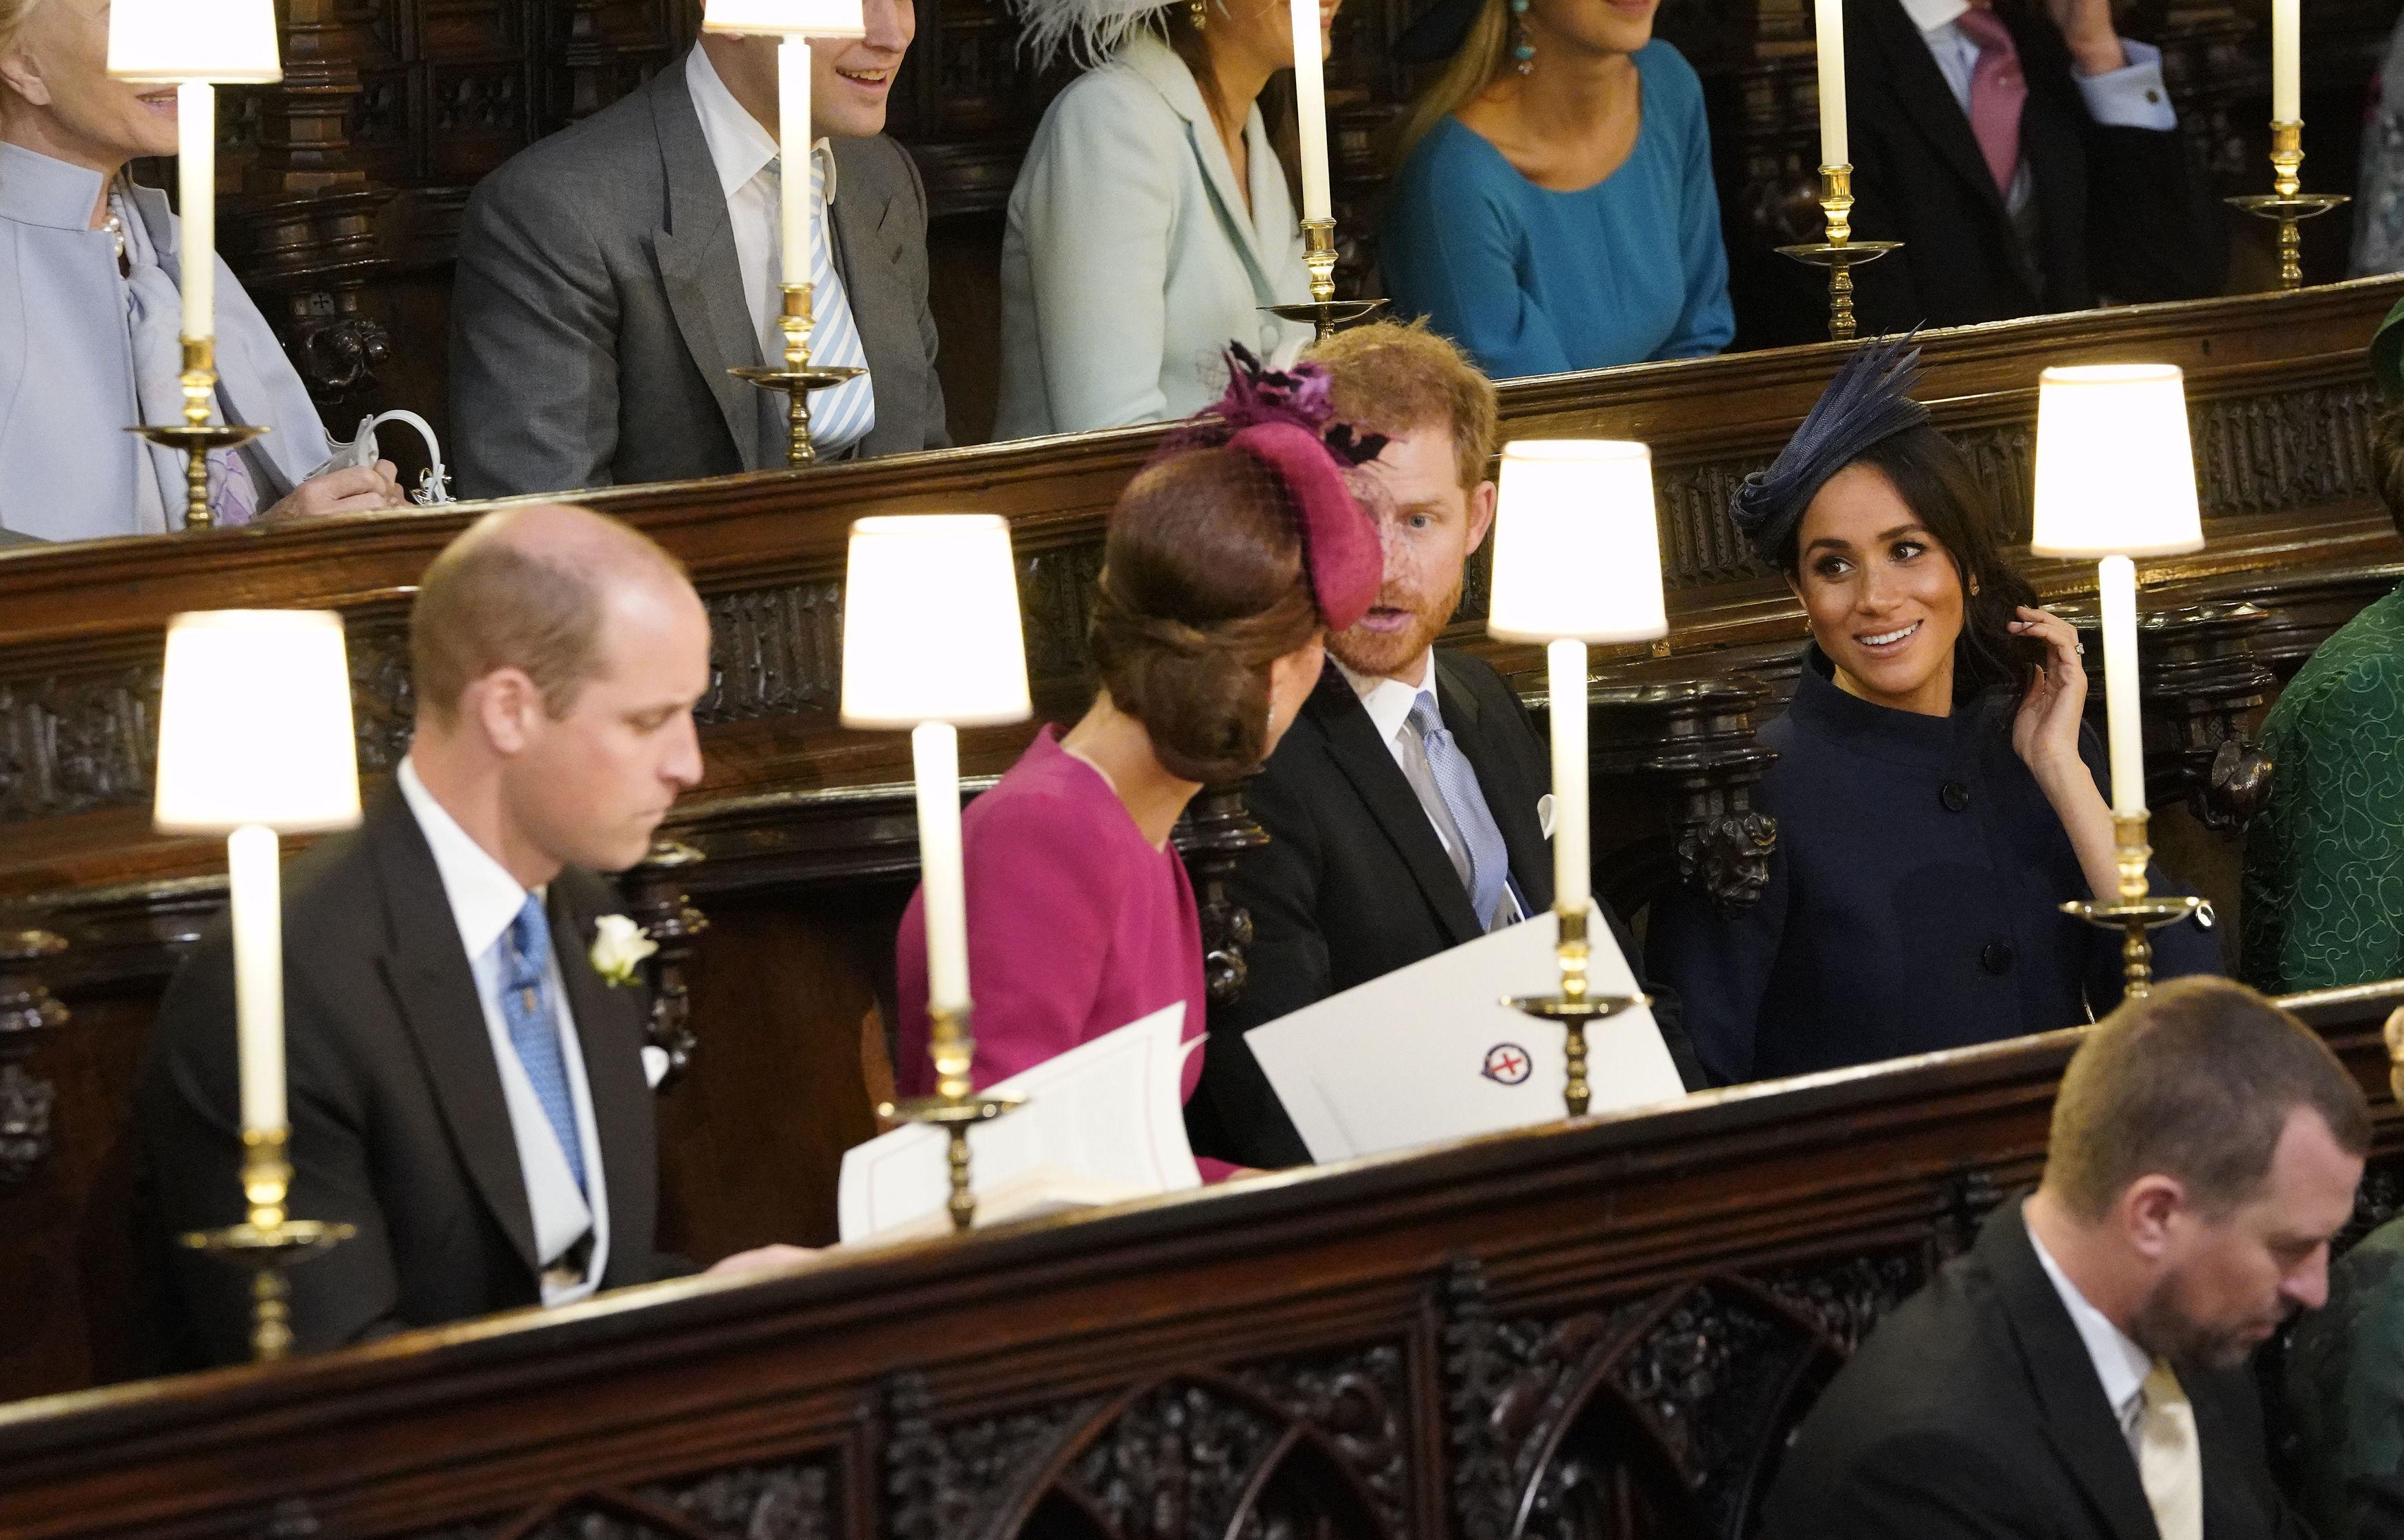 familia-real-casamento-princesa-eugenie